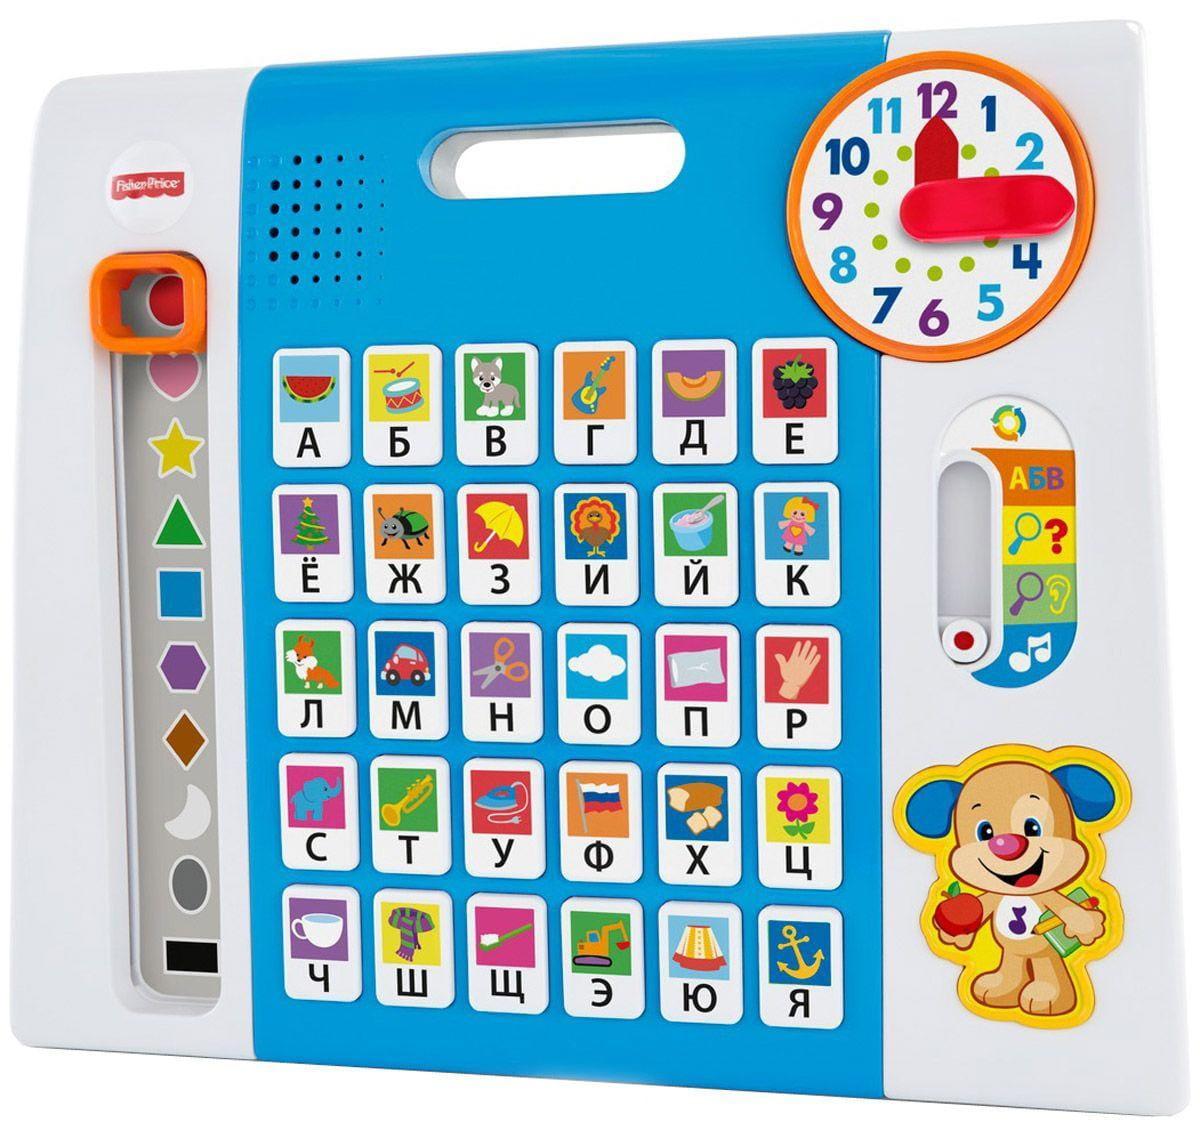 Обучающая панель Ученого Щенка FISHER PRICE (Mattel) - Обучающие интерактивные игрушки